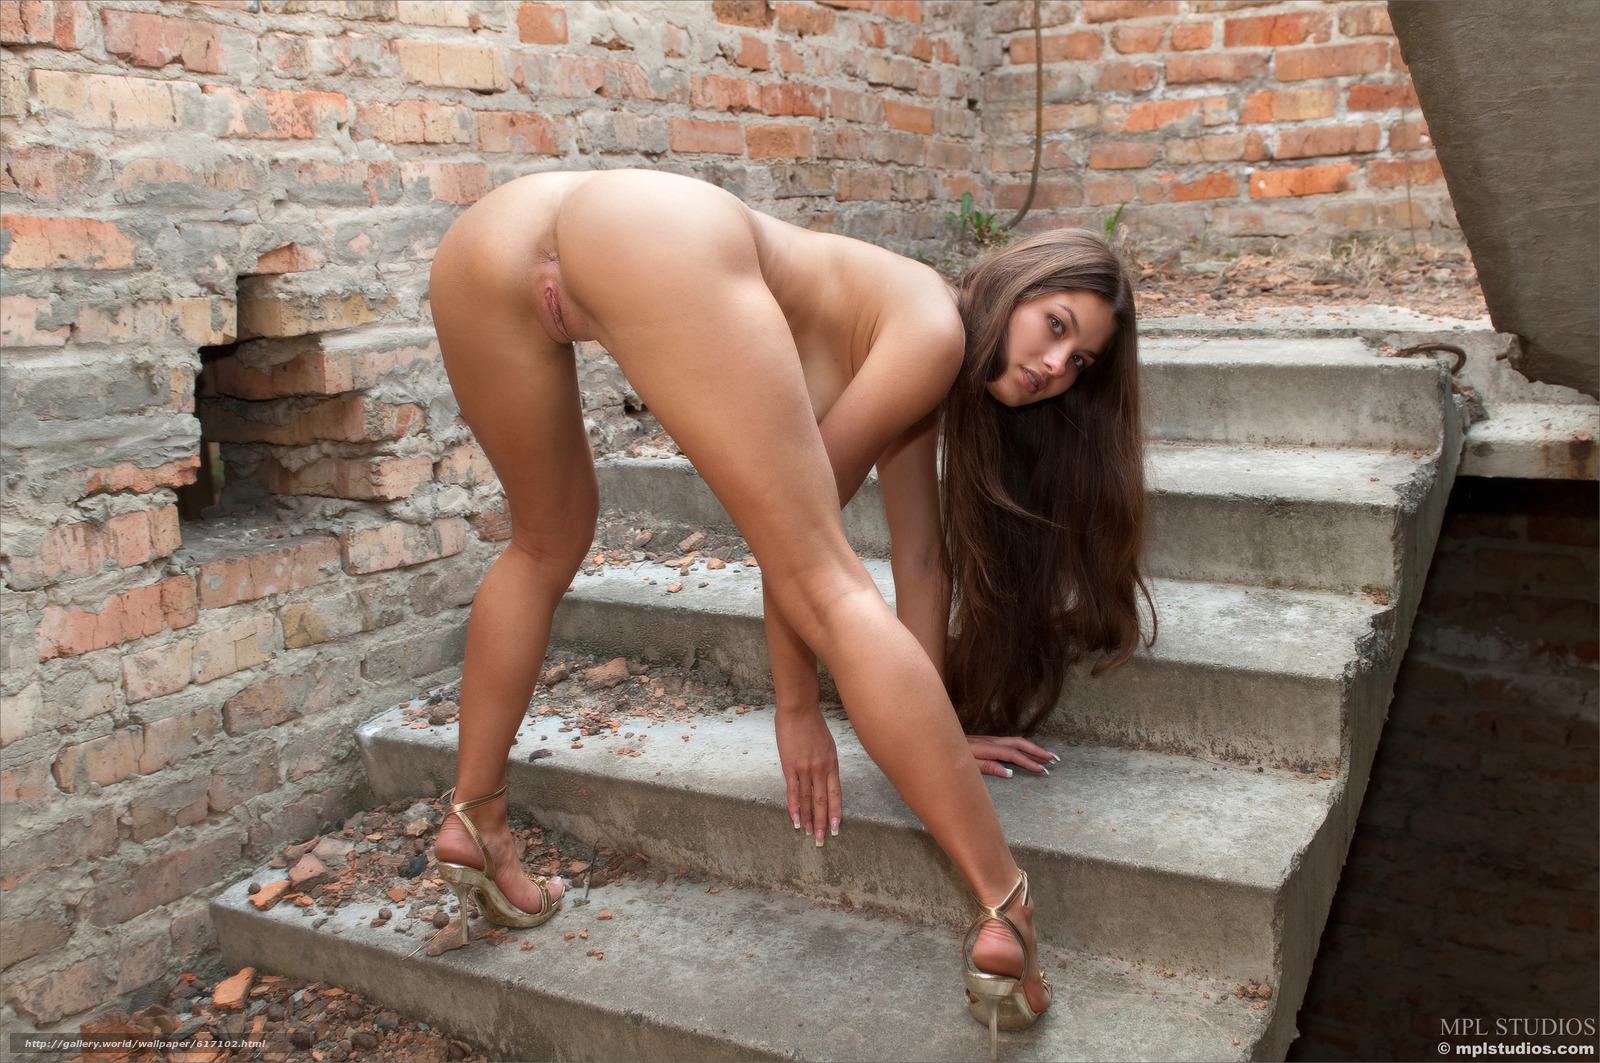 Фото красивых голых девушек длинные ноги 19 фотография